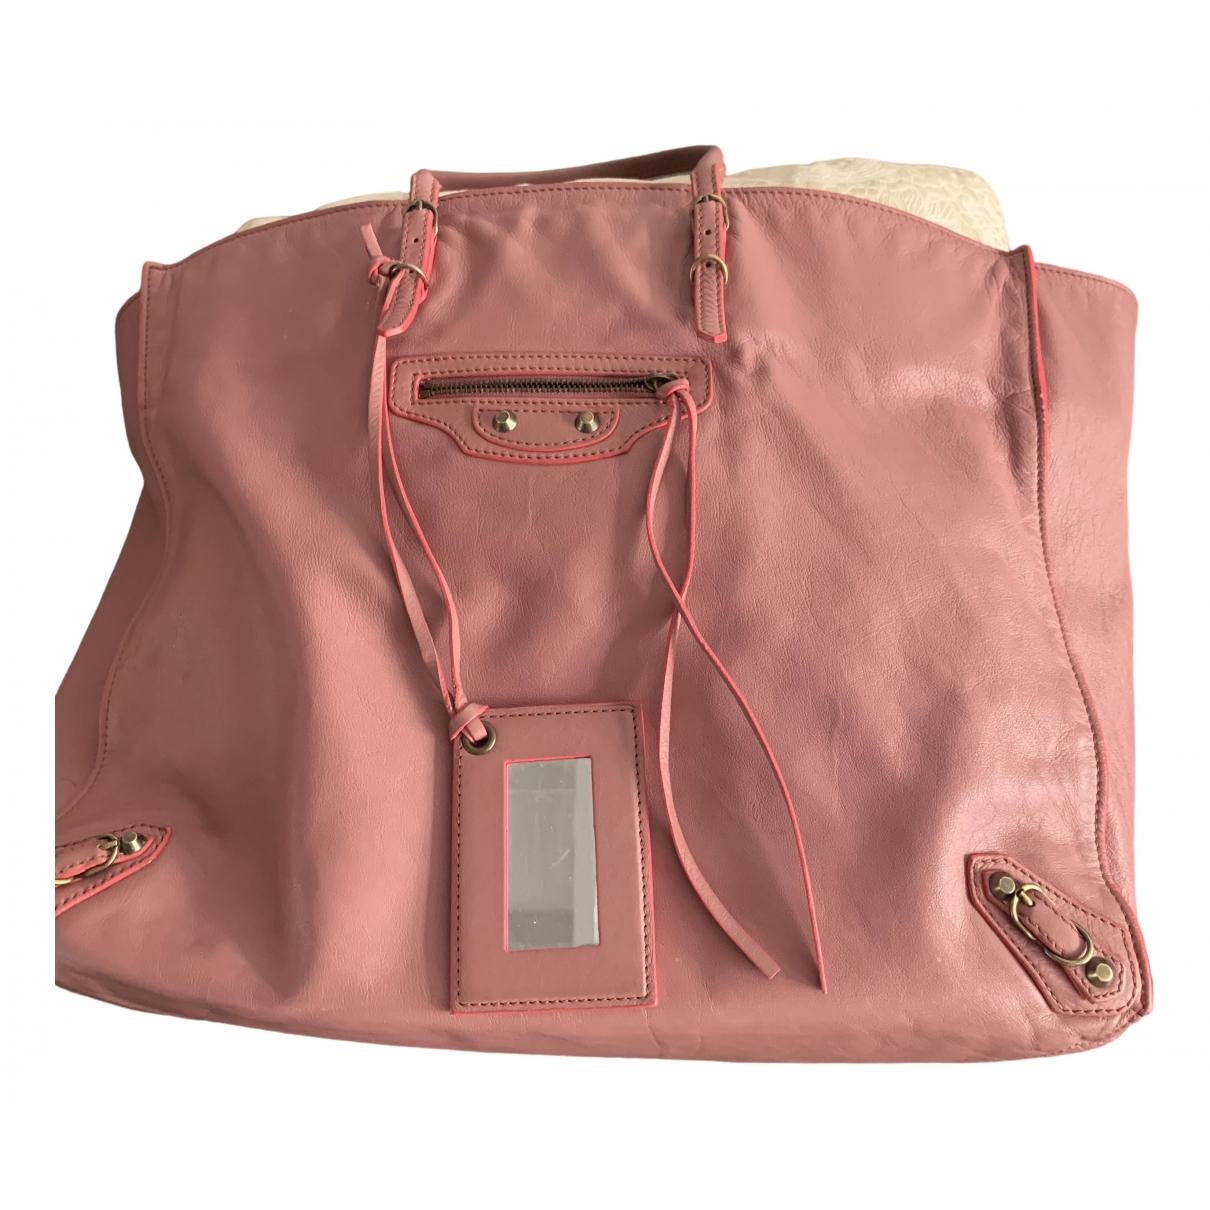 Balenciaga Papier Handtasche in  Rosa Leder